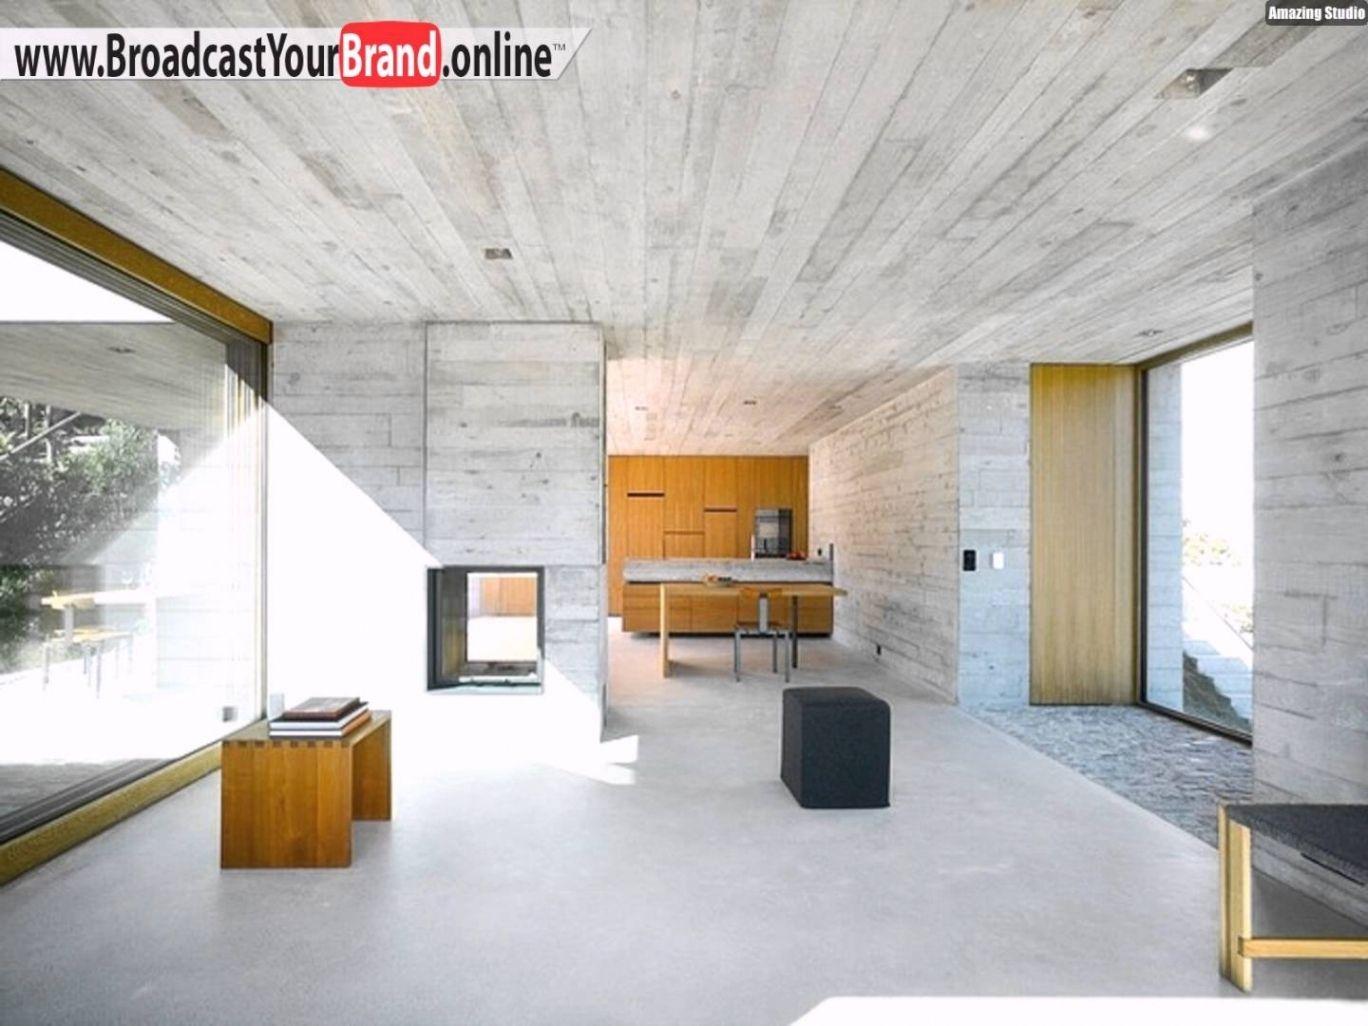 Wohnzimmer Fenster ~ Inspiration wohnzimmerfenster modern wohnzimmer ideen